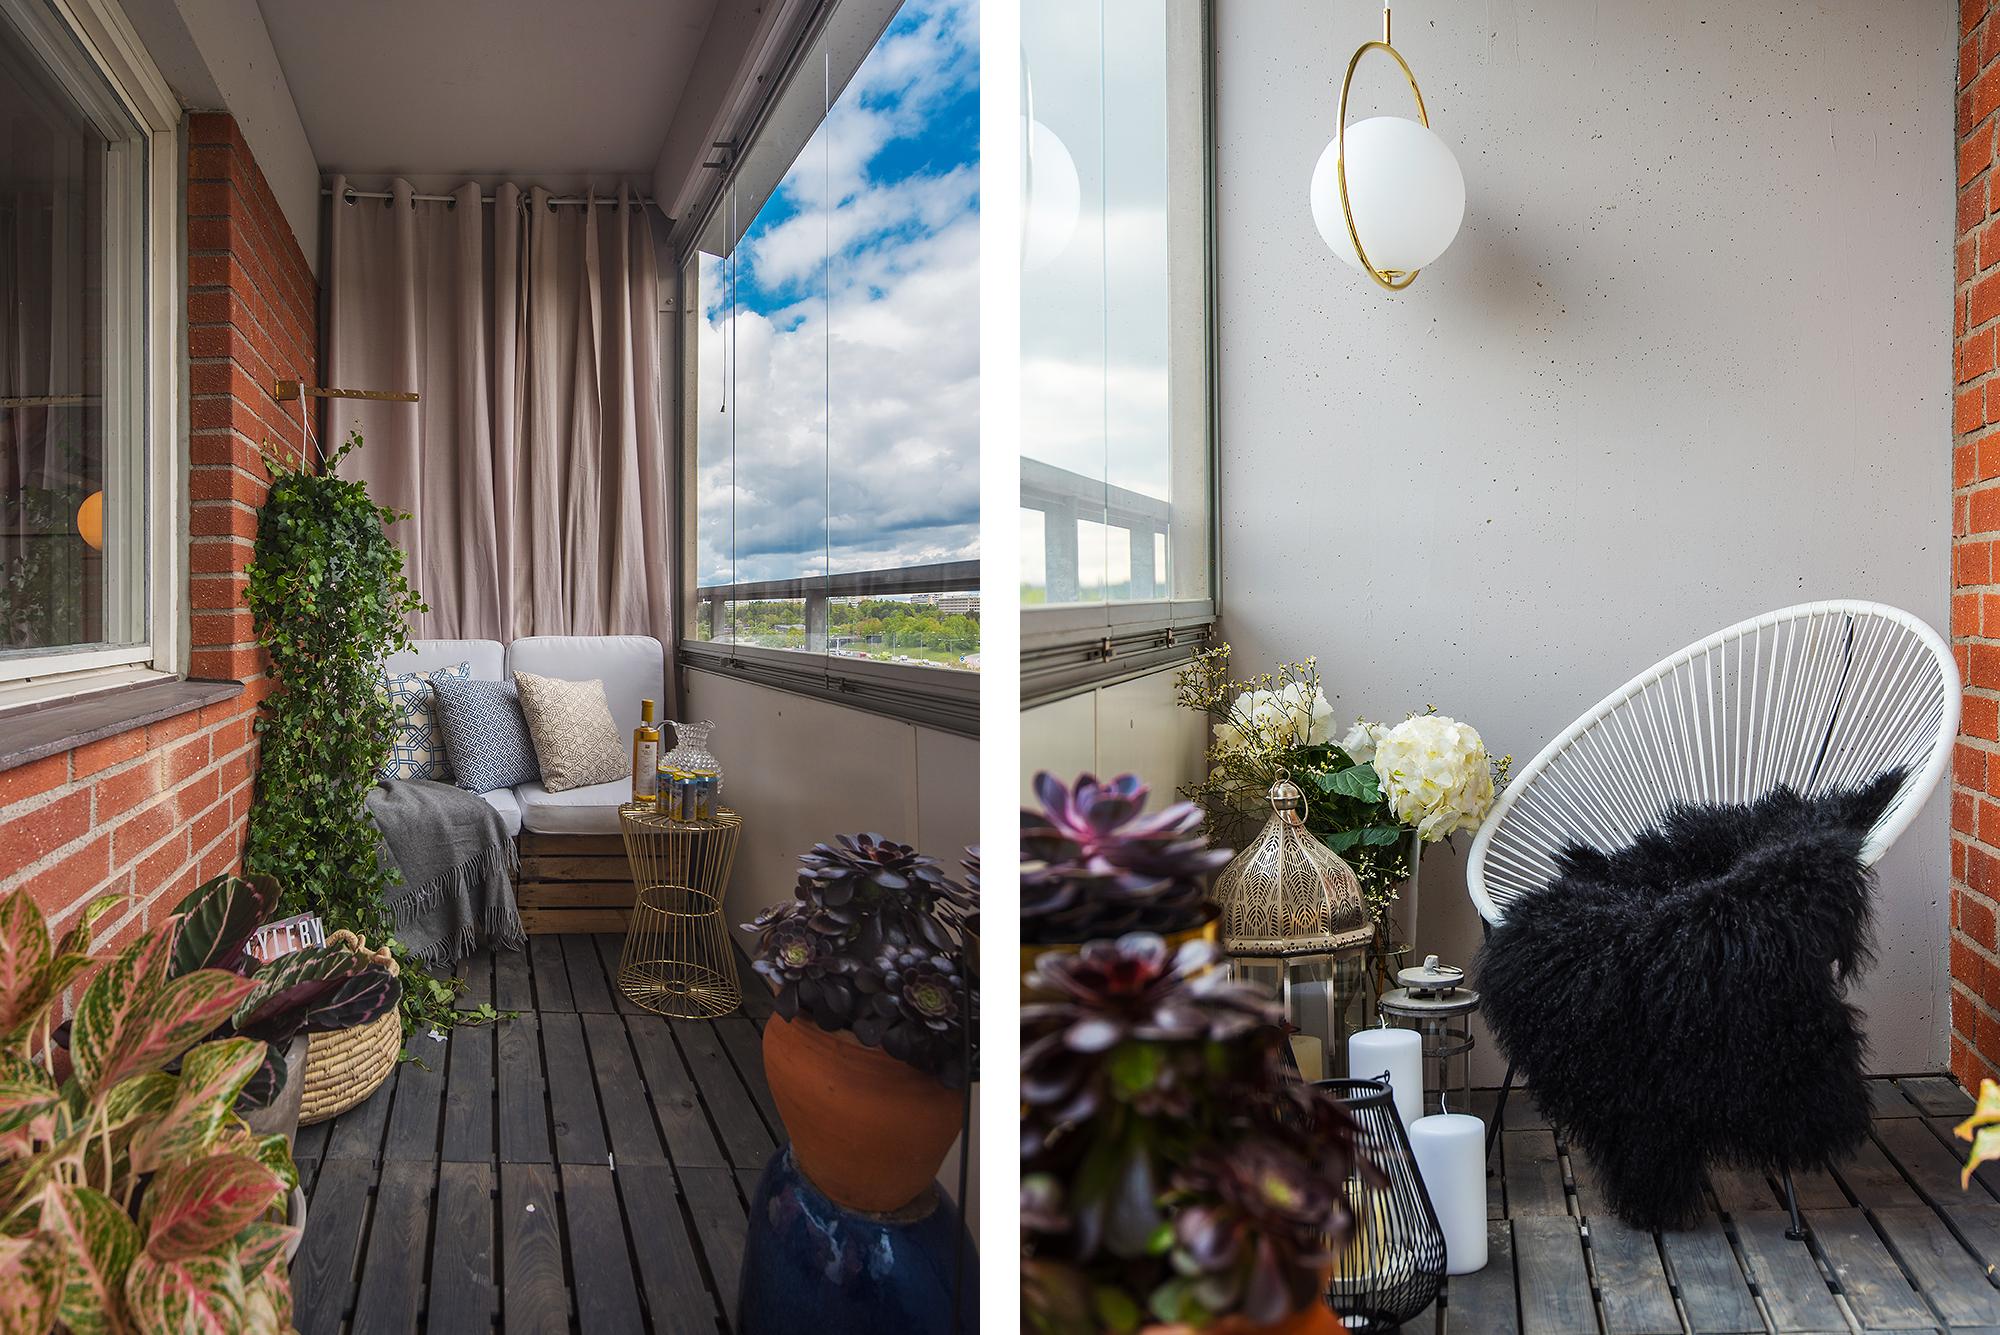 Markus lägenhet till Salu. - Petra Tungården - Metro Mode